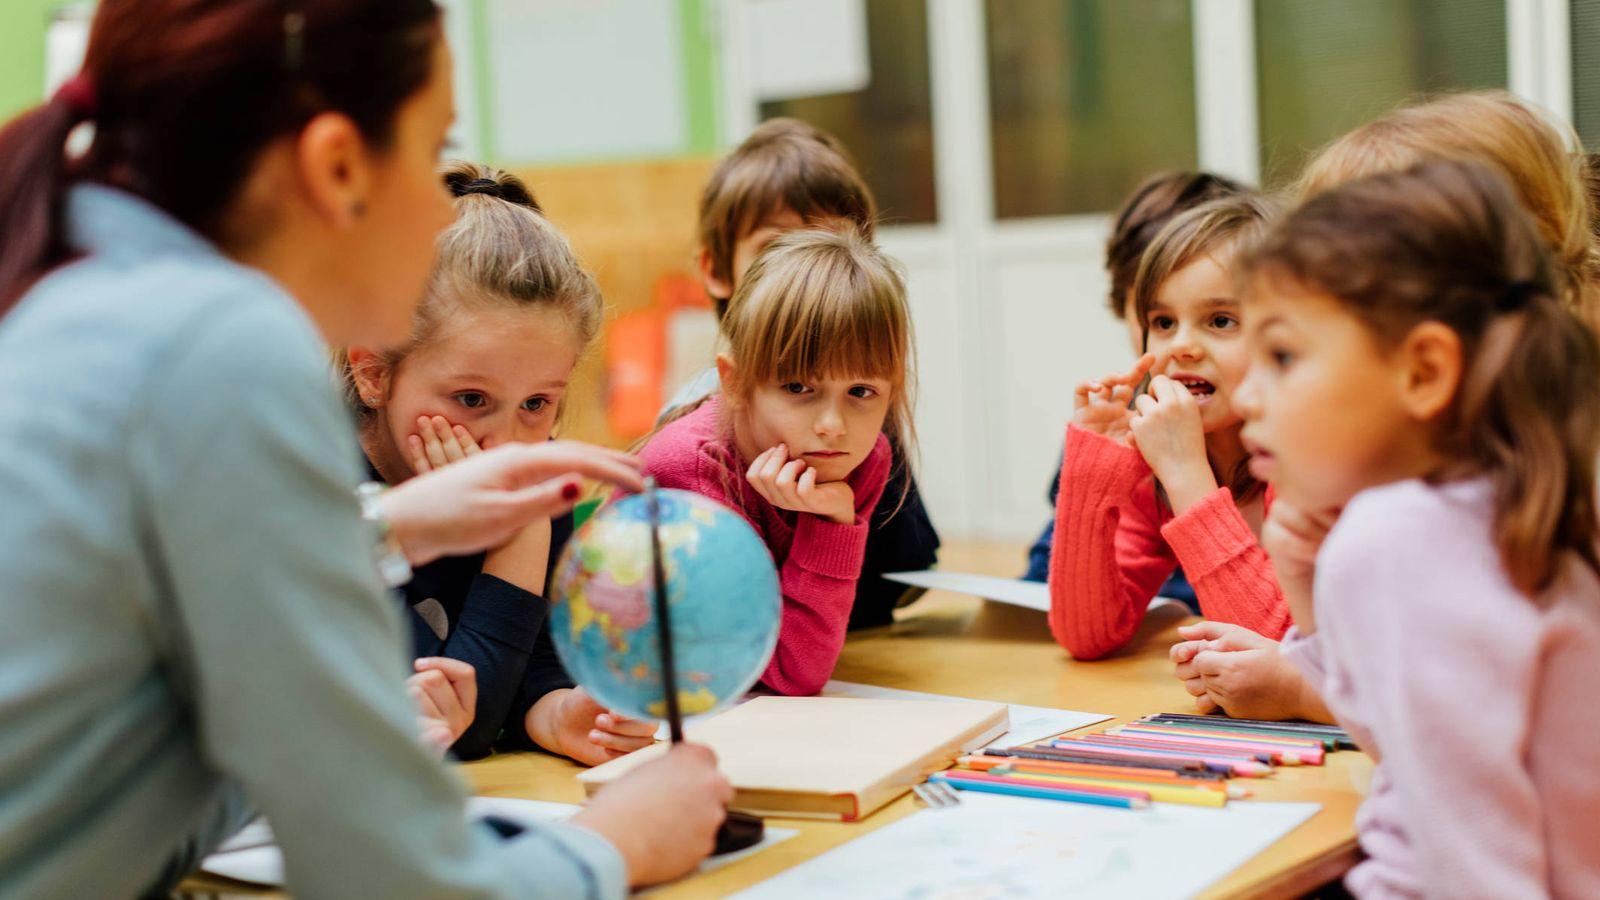 Educación: El negocio de la educación